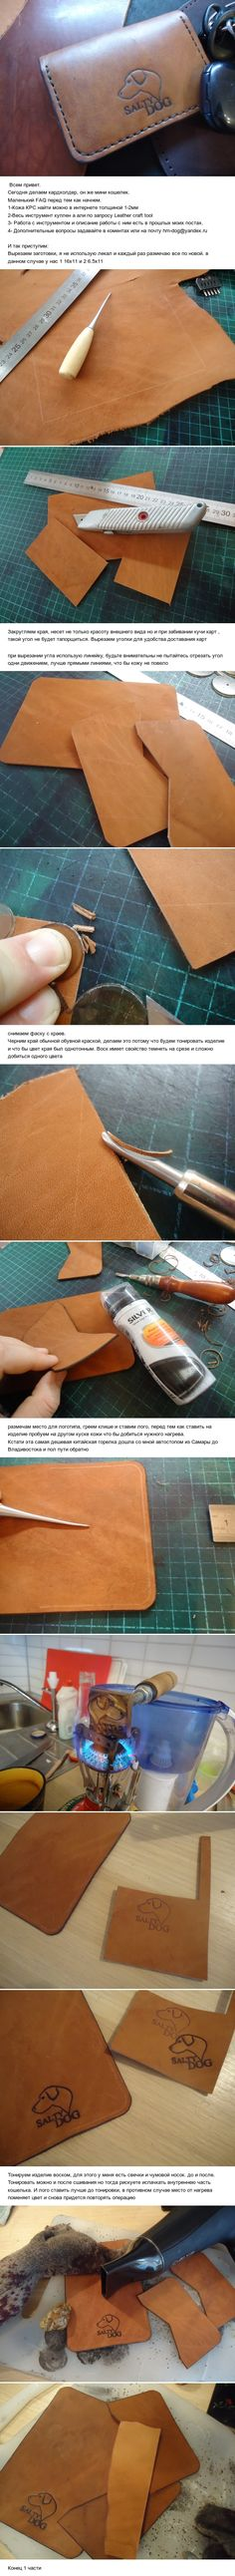 Кардхолдер, мини кошелек своими руками 1 часть моё, salty dog, рукоделие, кожаные изделия, длиннопост